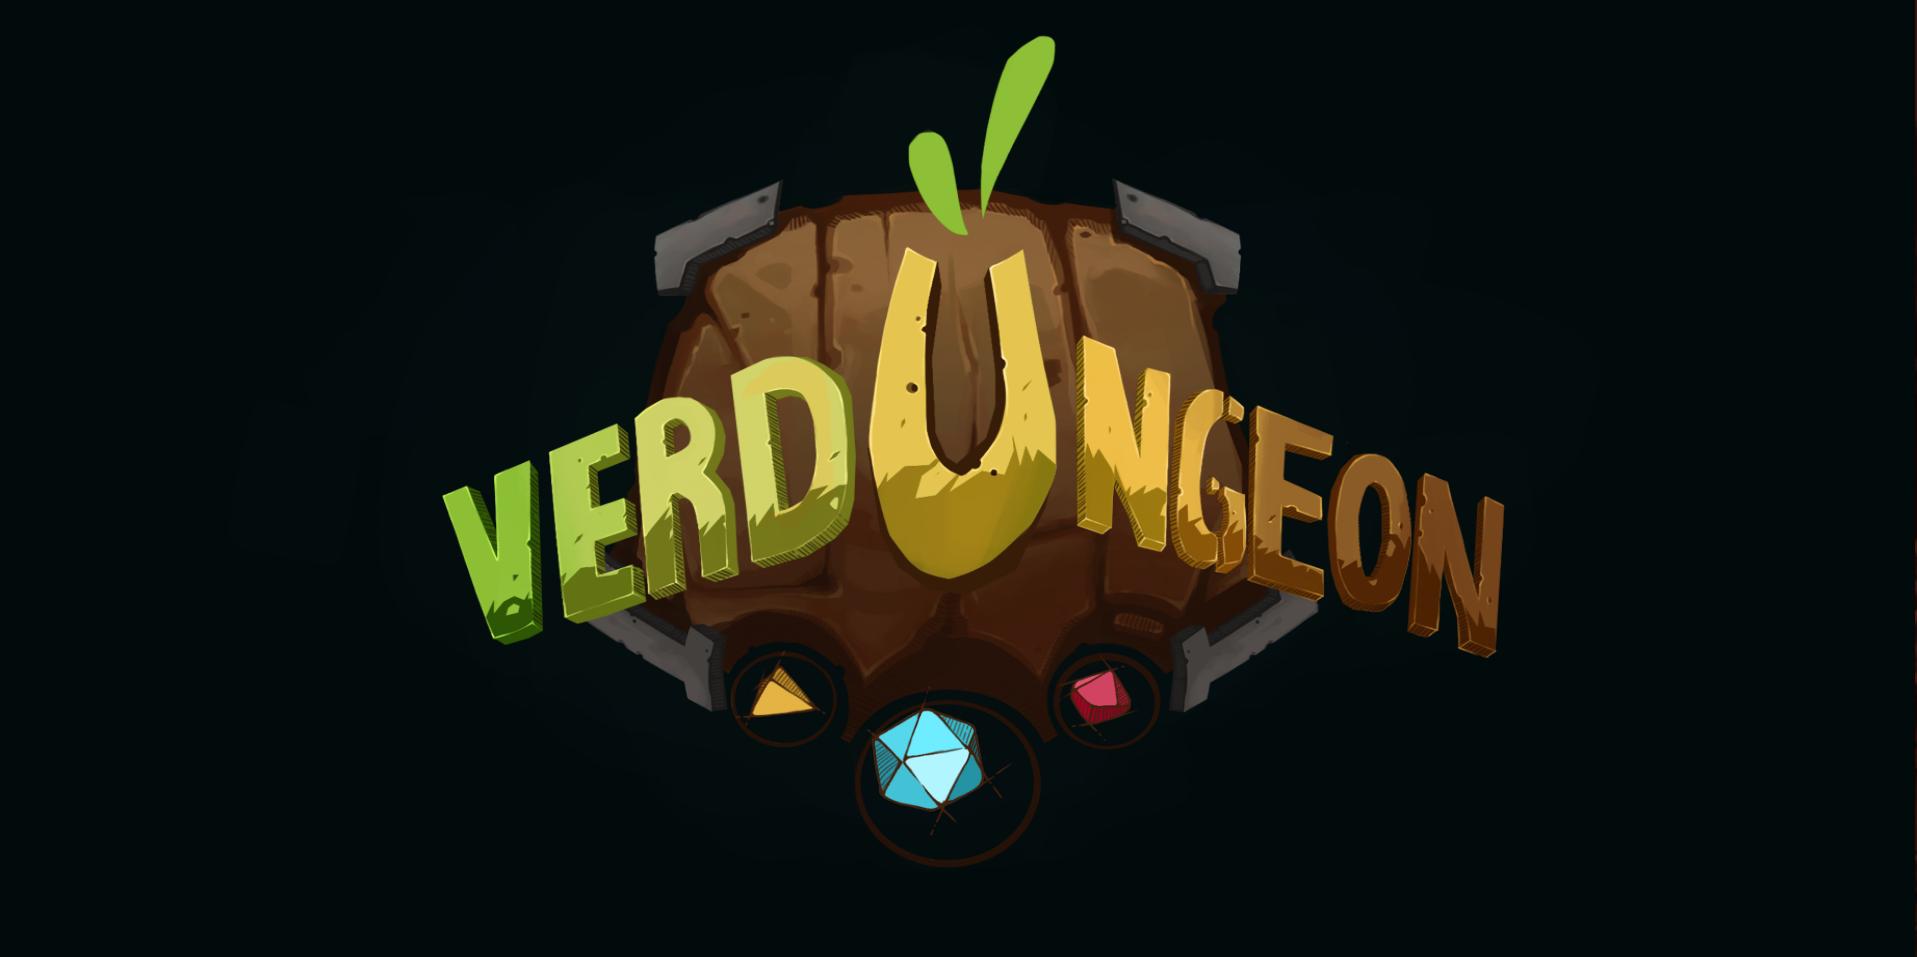 Verdungeon